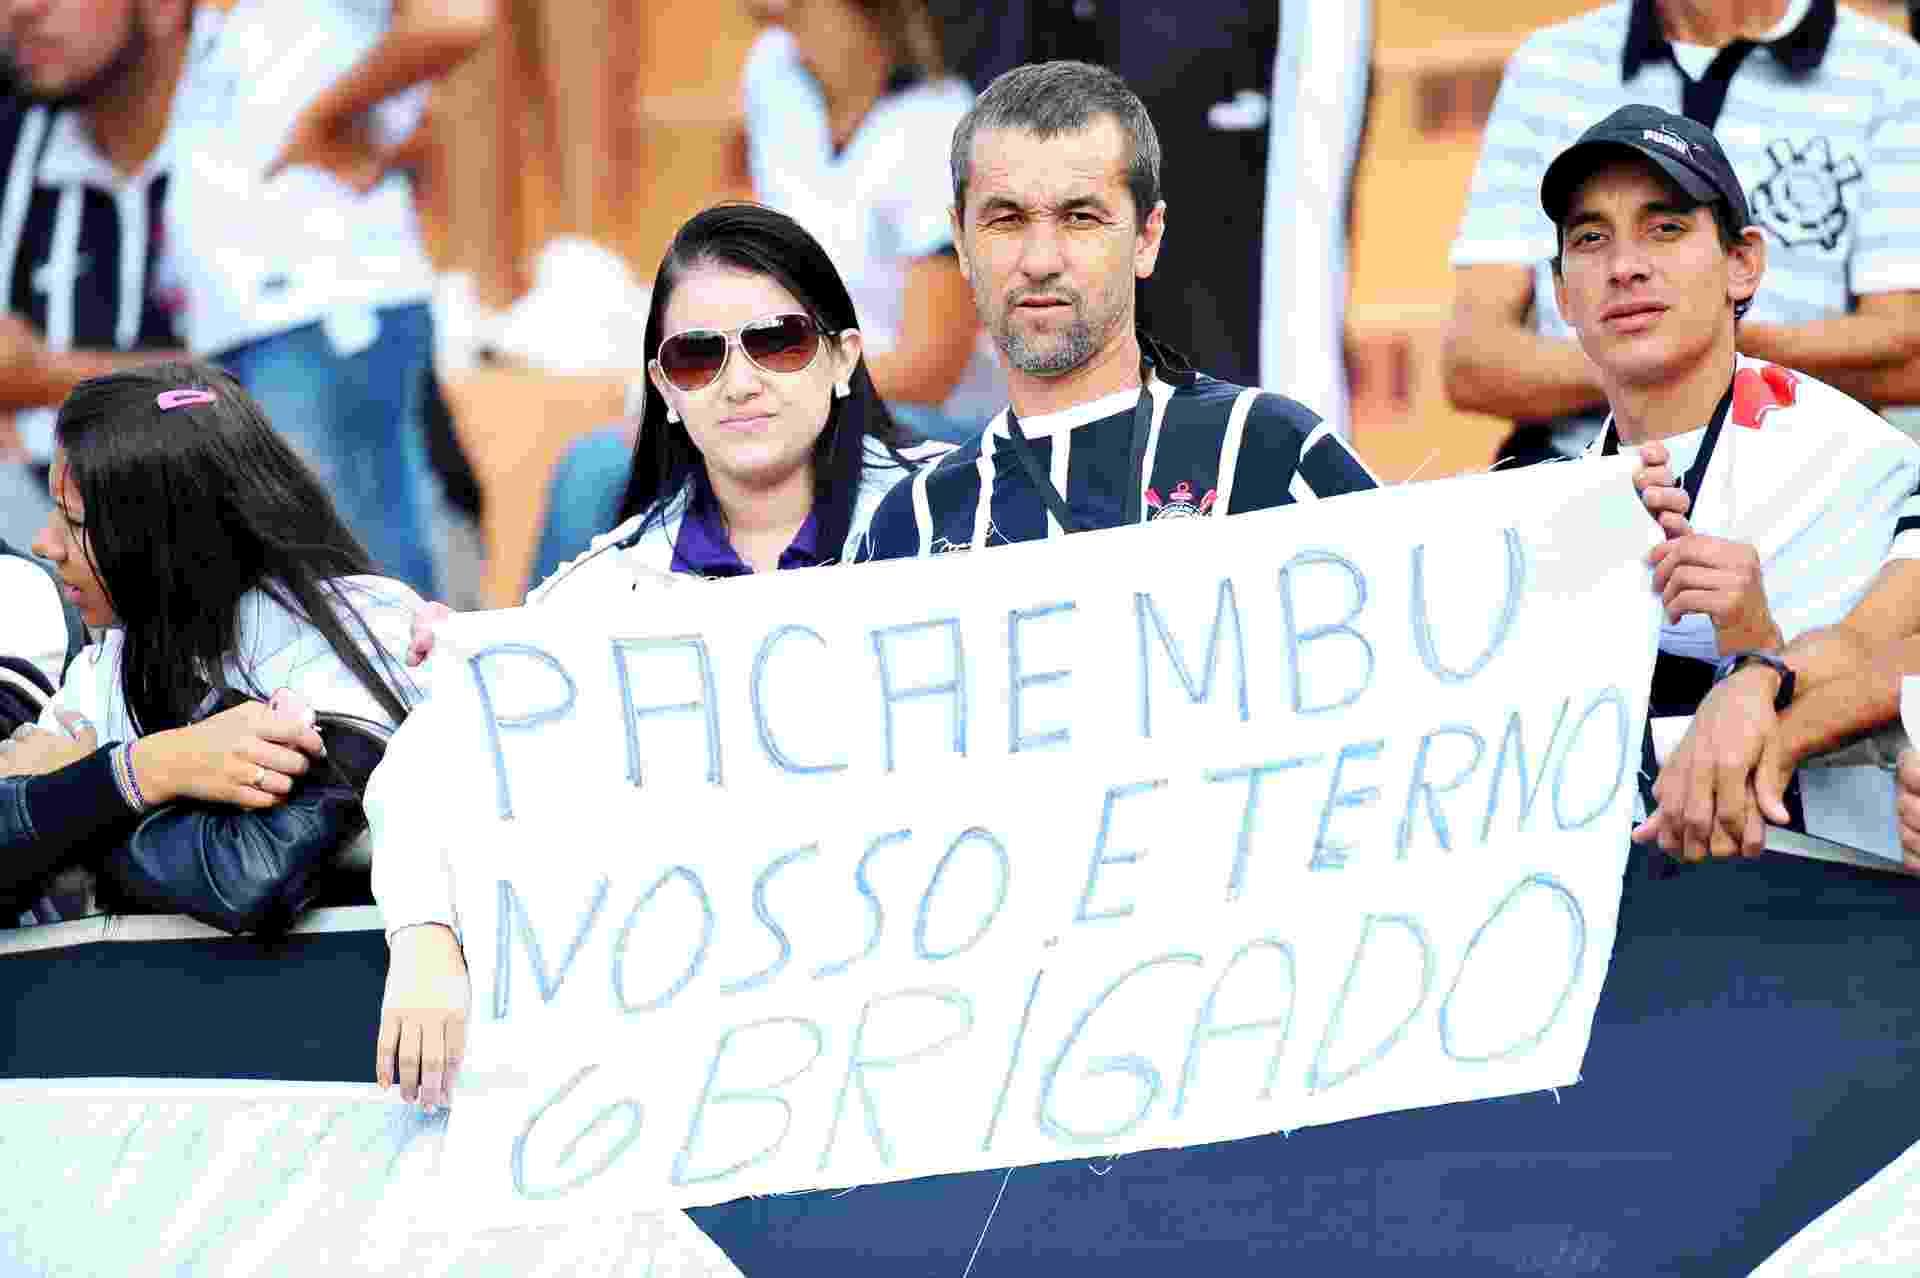 Torcedores levam faixas de agradecimento para a despedida do Pacaembu 27.abr.2014 - Reinaldo Canato/UOL